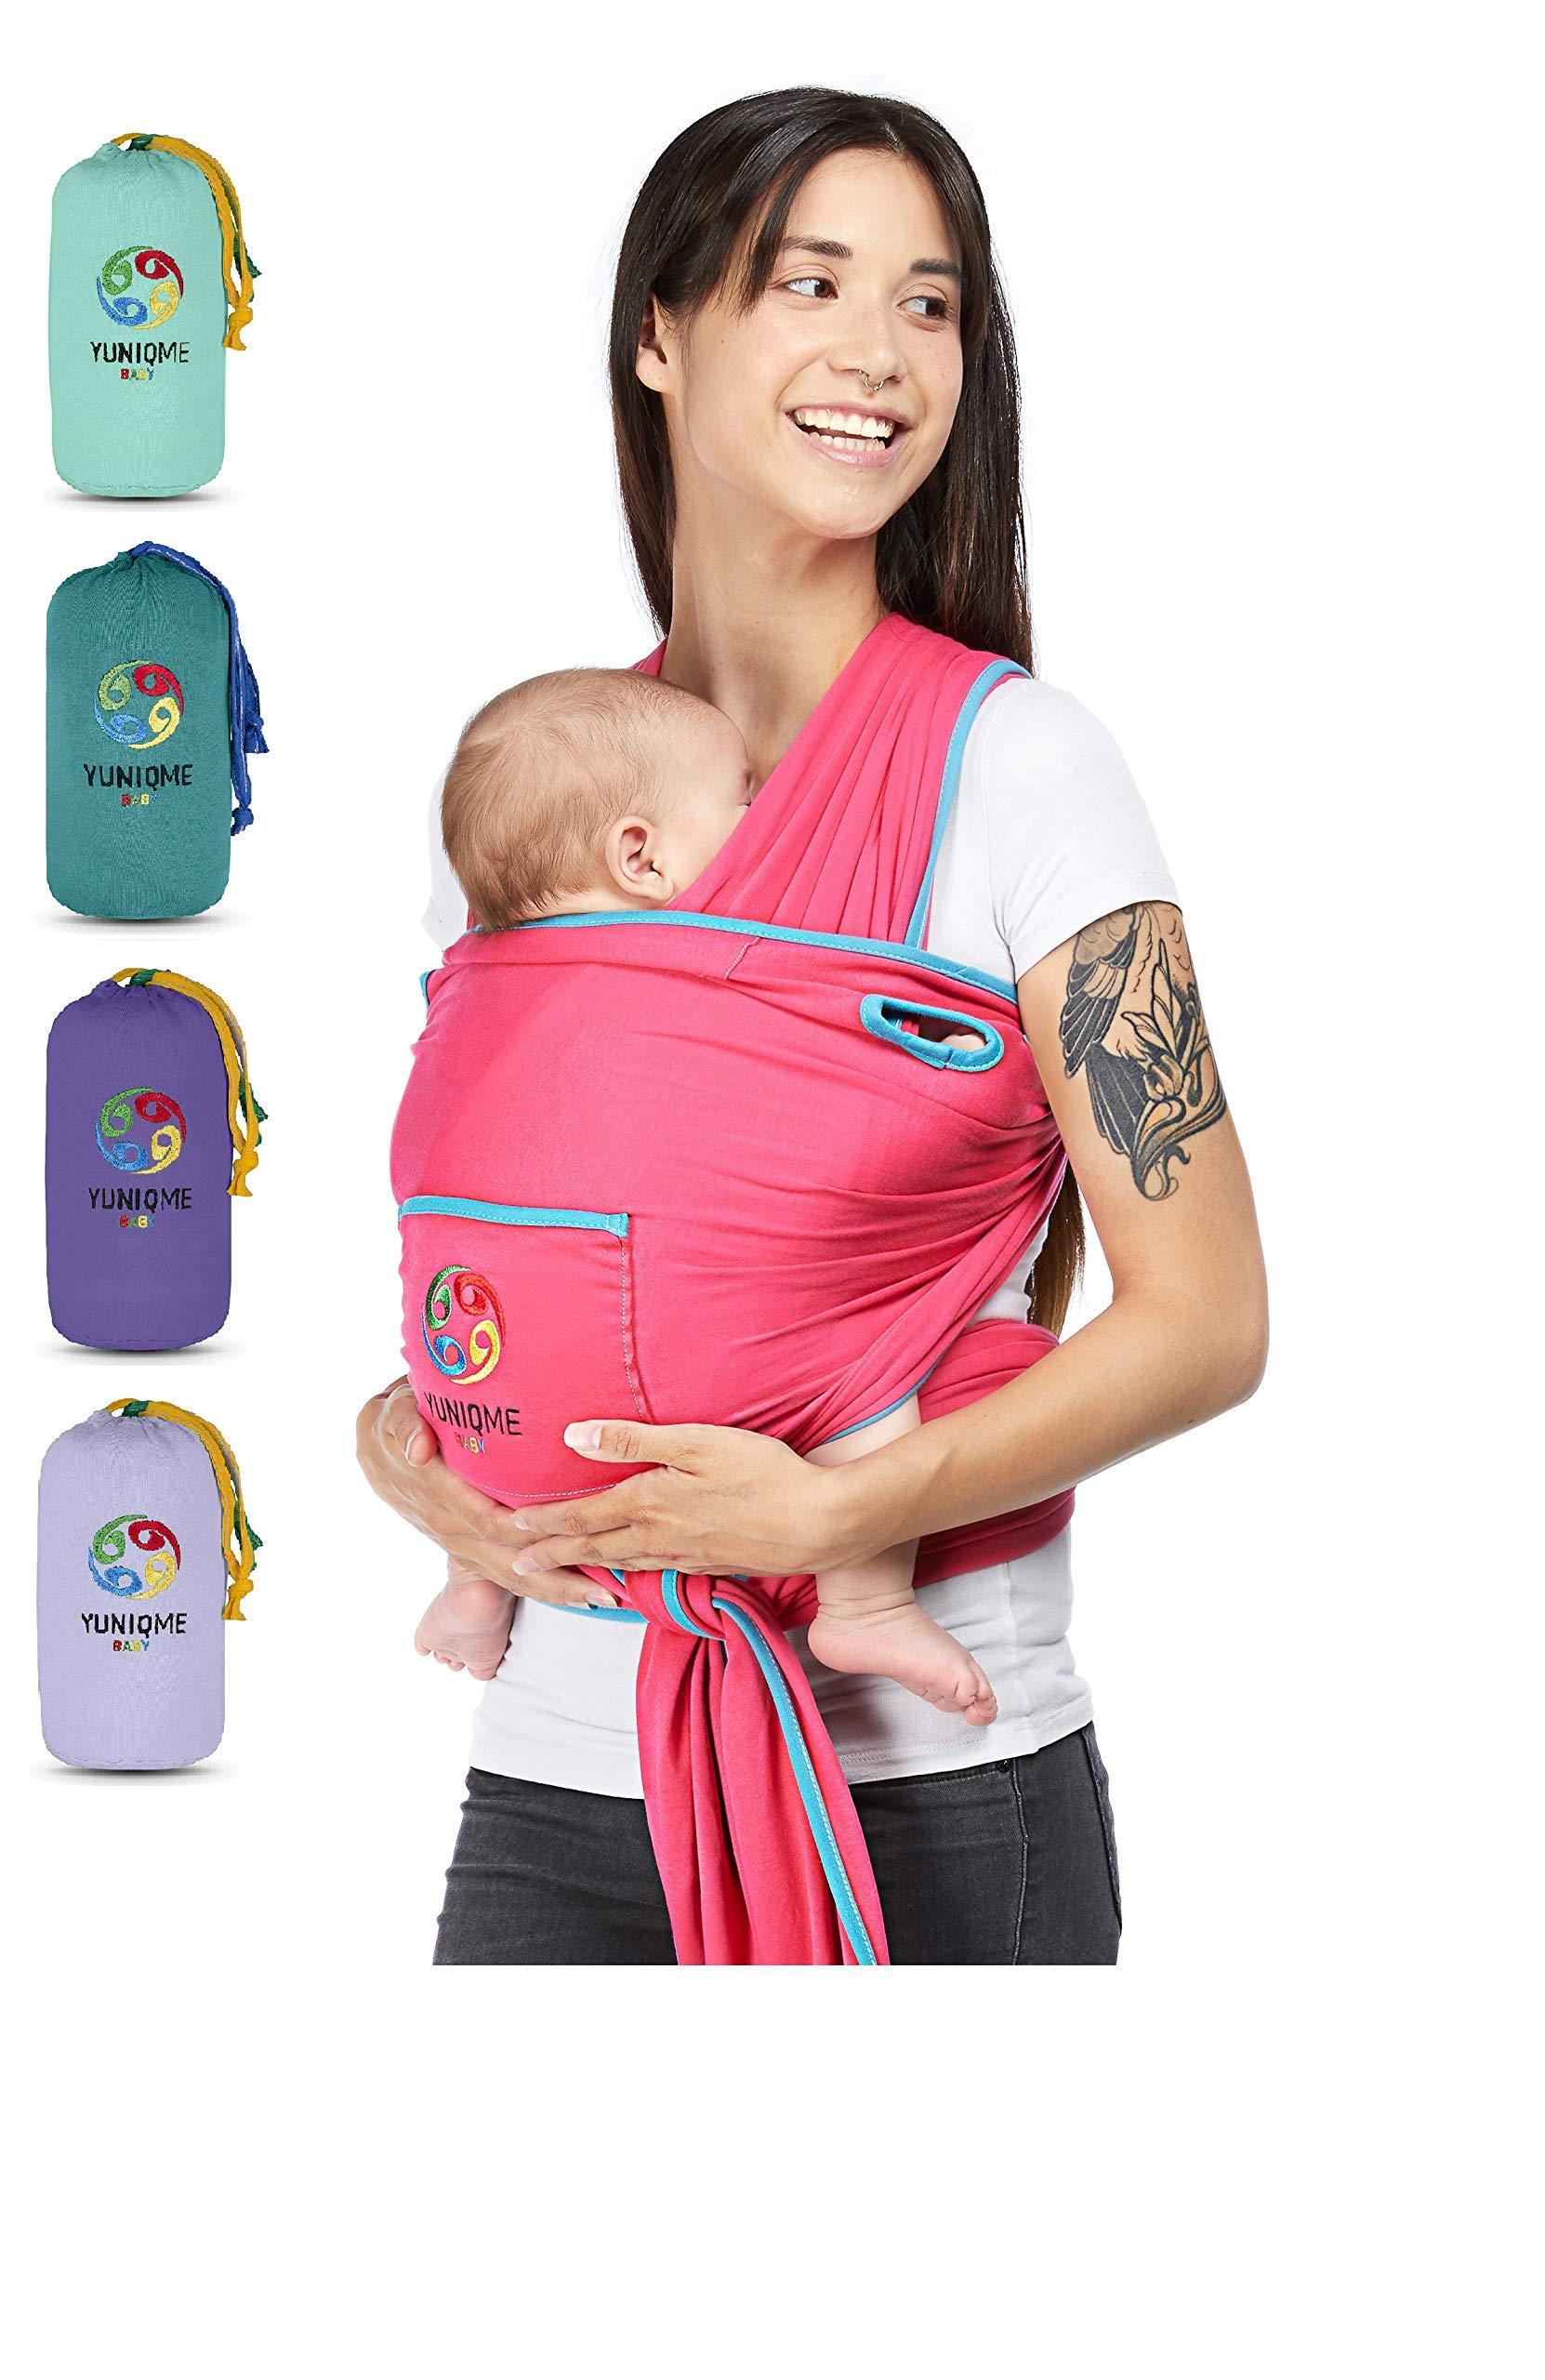 Tragetuch Babytragetuch Bauchtrage für Neugeborene und Kleinkinder bis DE Stock